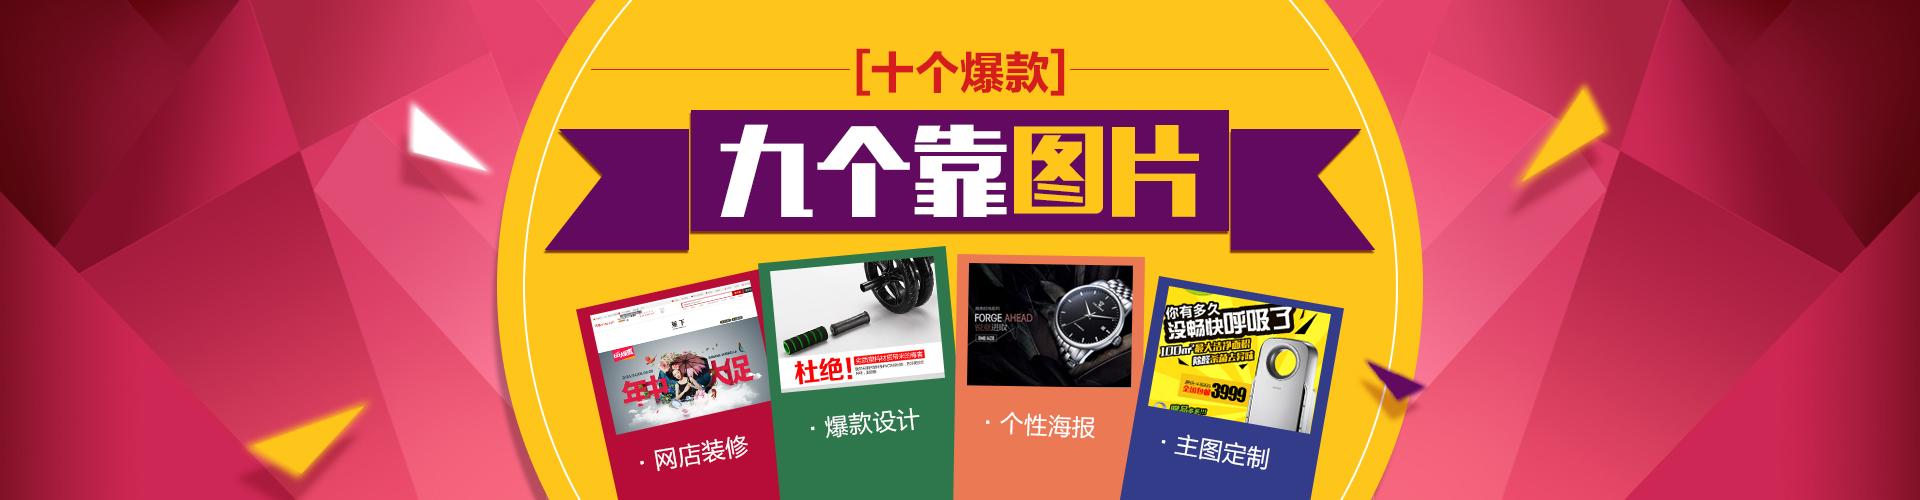 网店全屏海报设计_广州六合网络科技有限公司服务列表